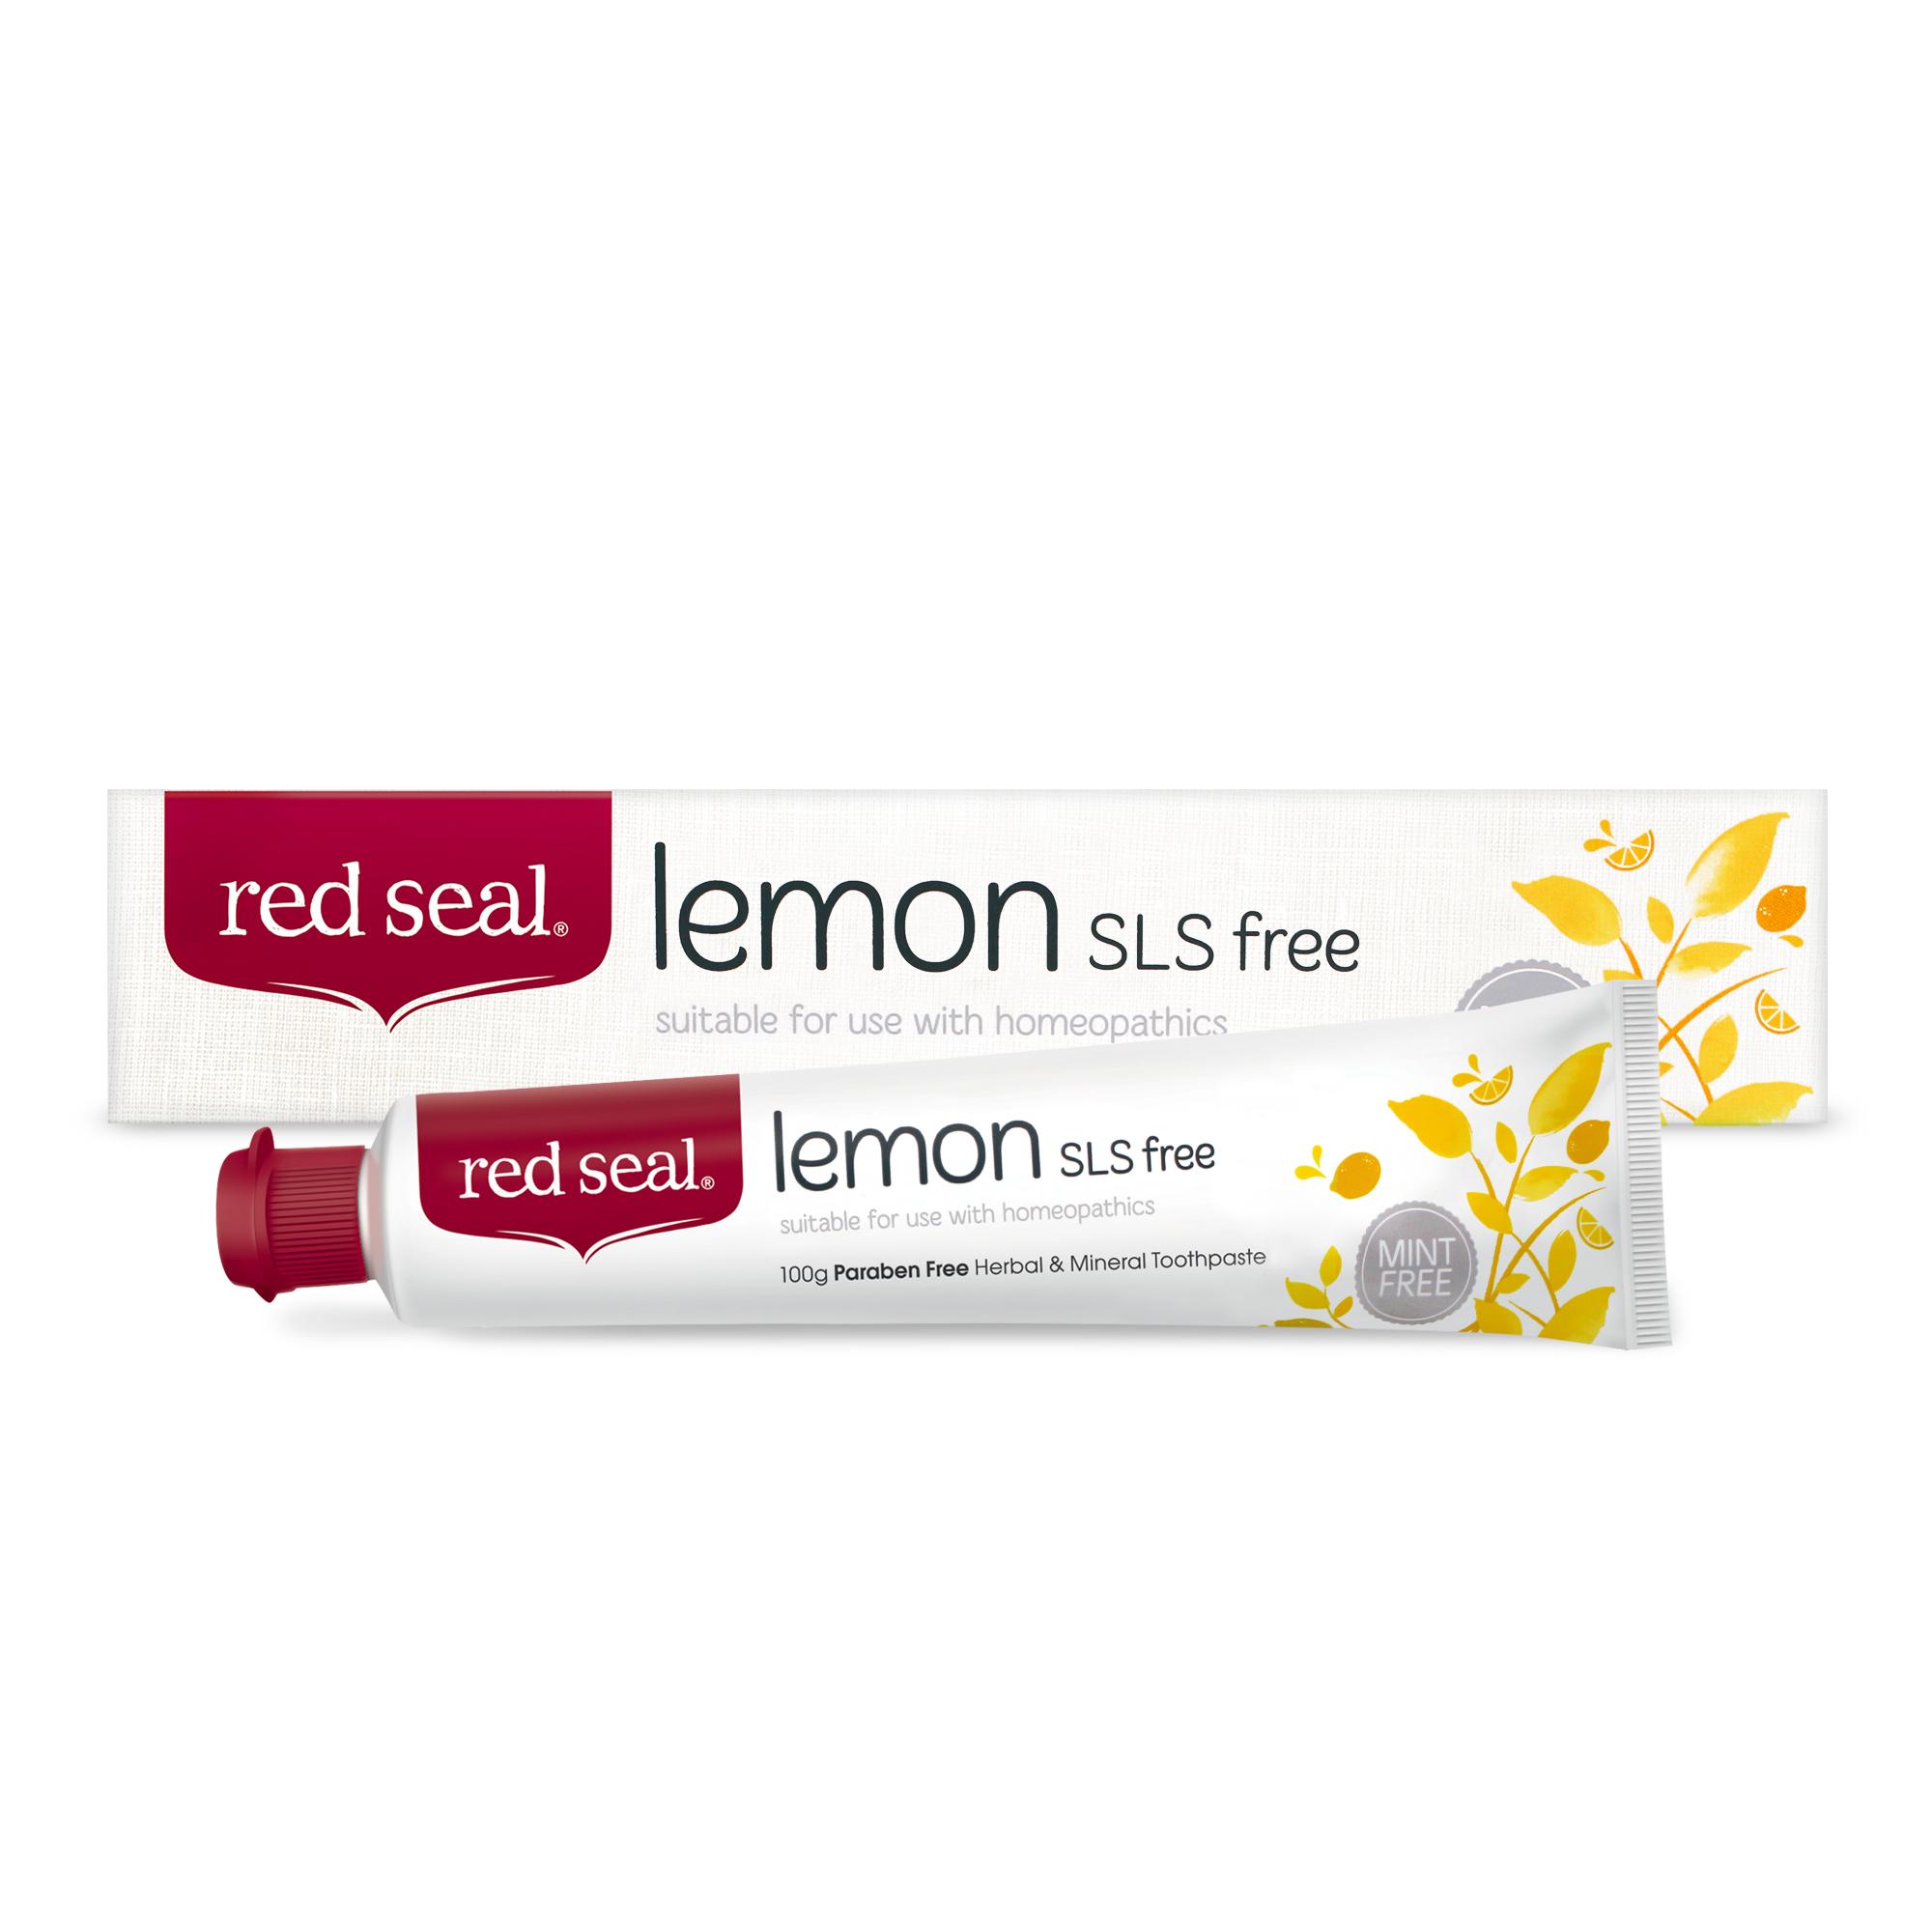 레드씰 레몬 SLS free 치약, 100g, 1개